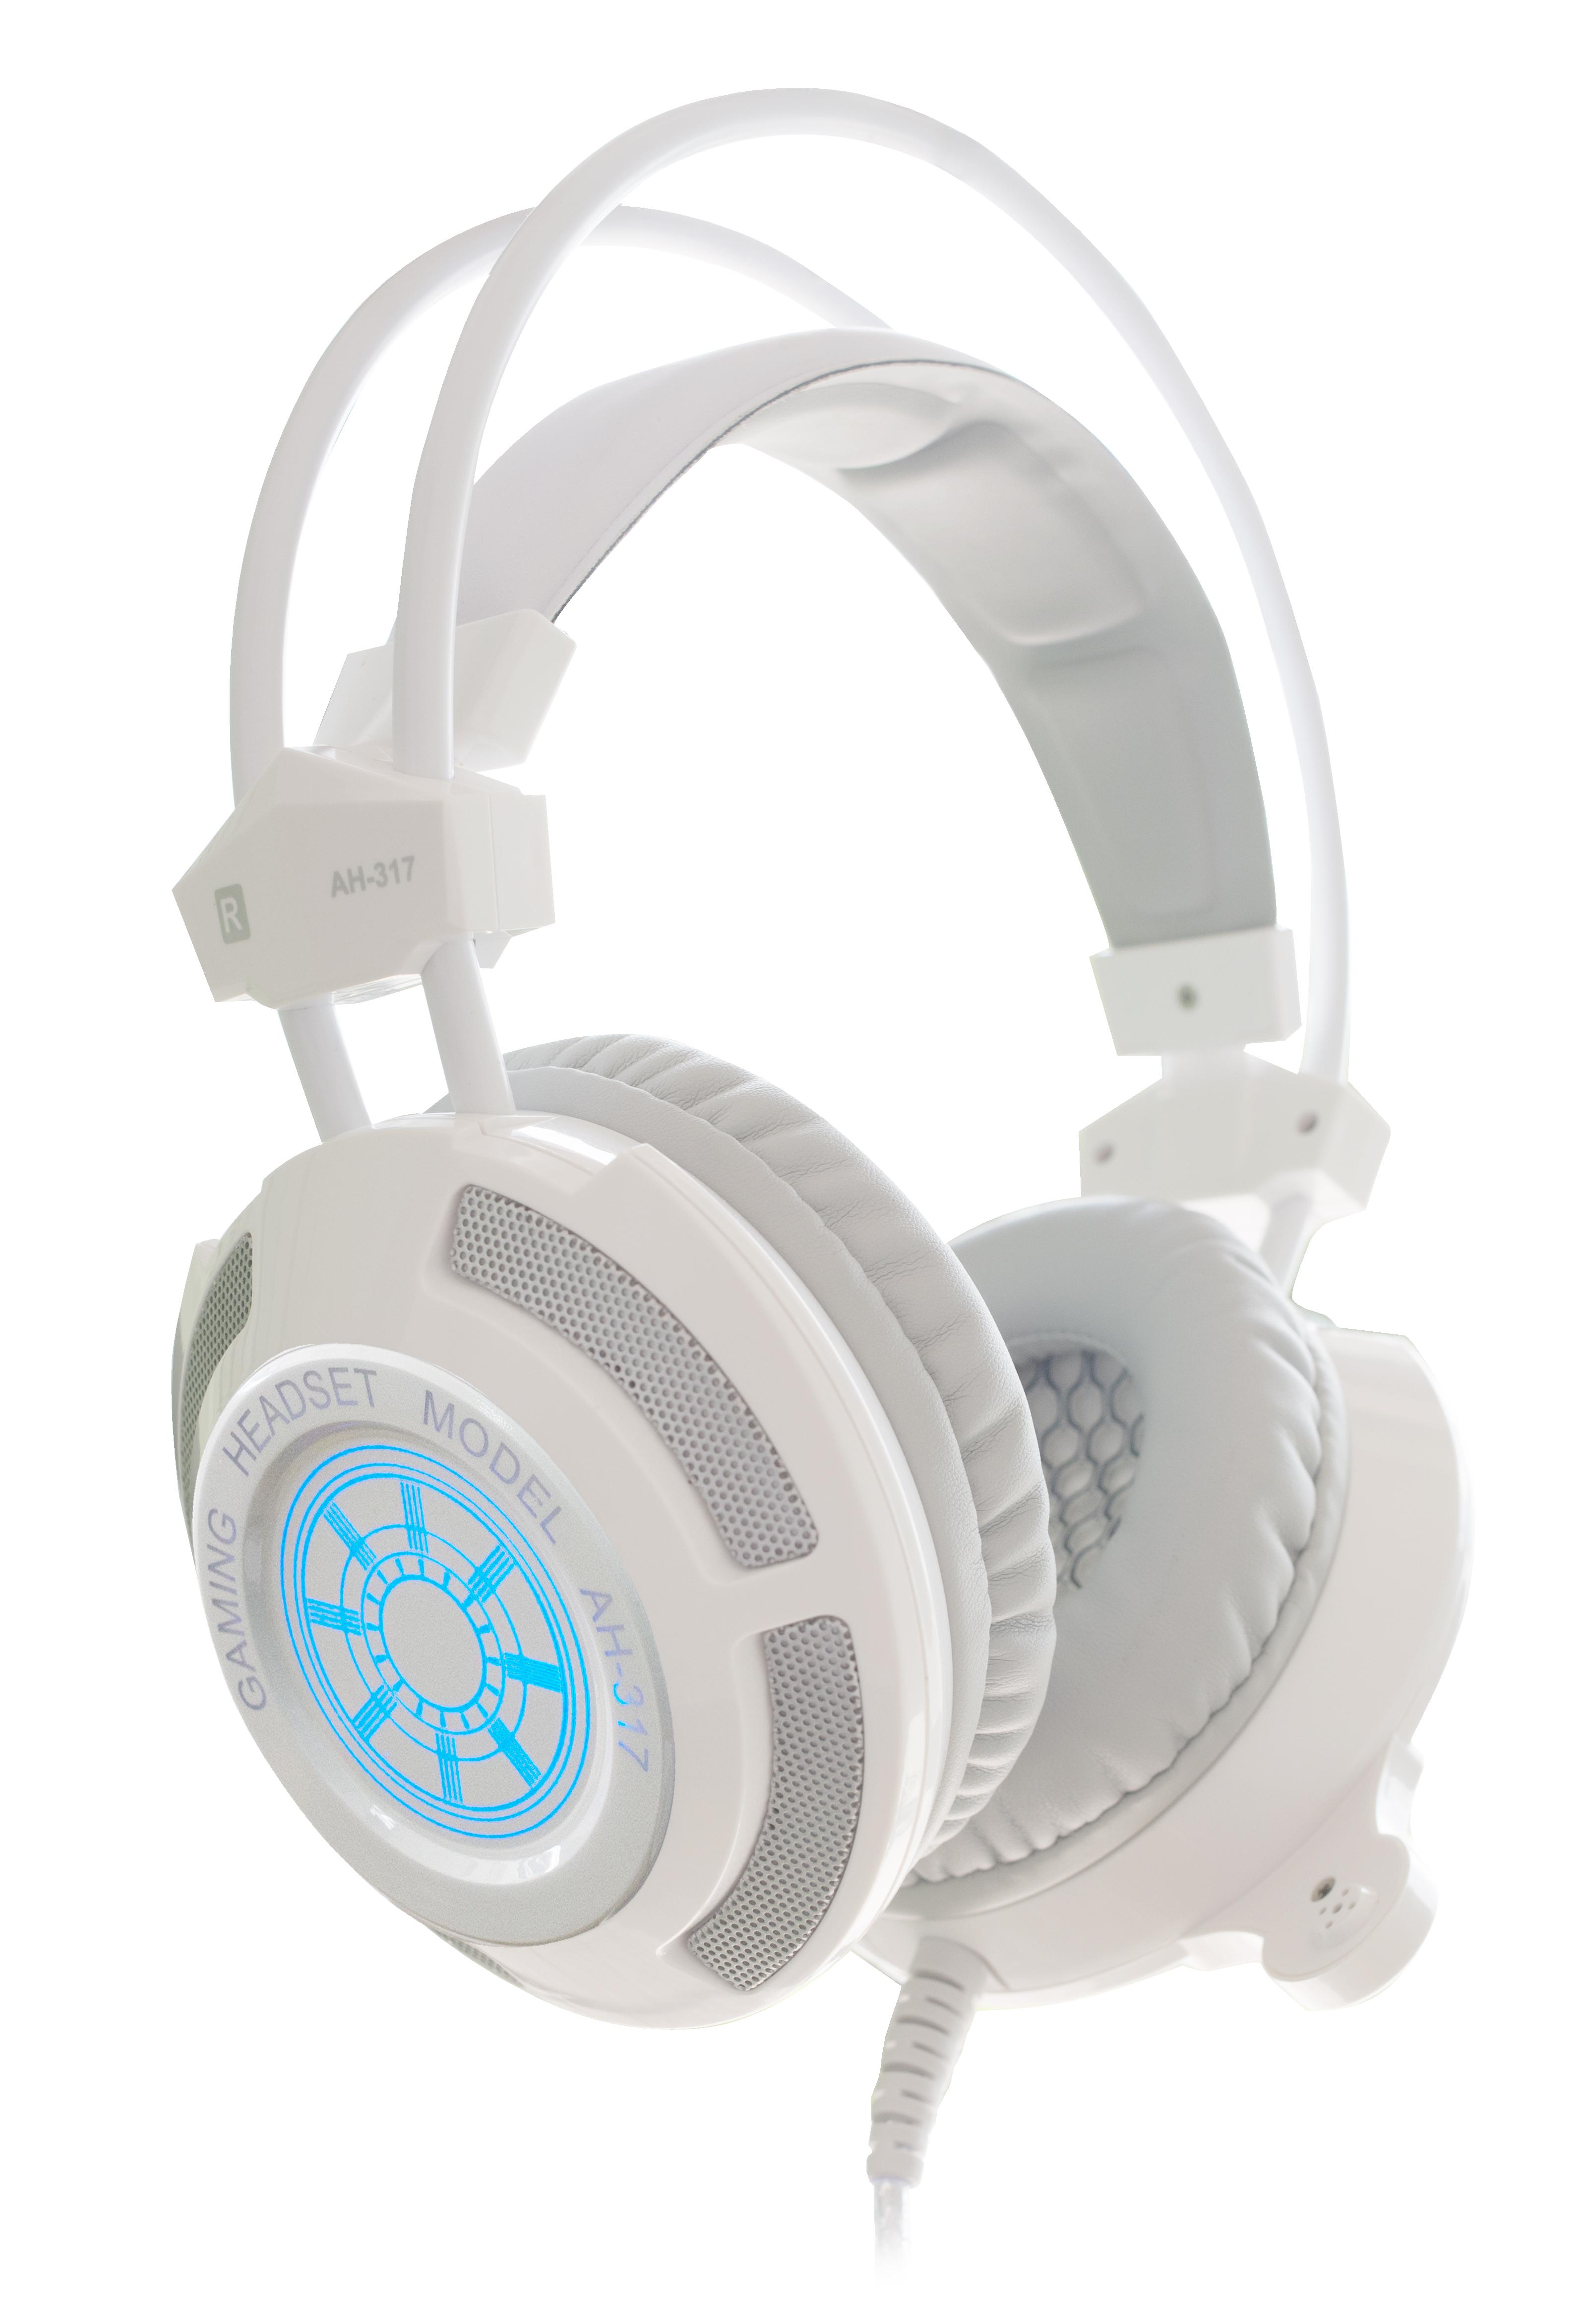 Tai nghe SoundMax AH-317